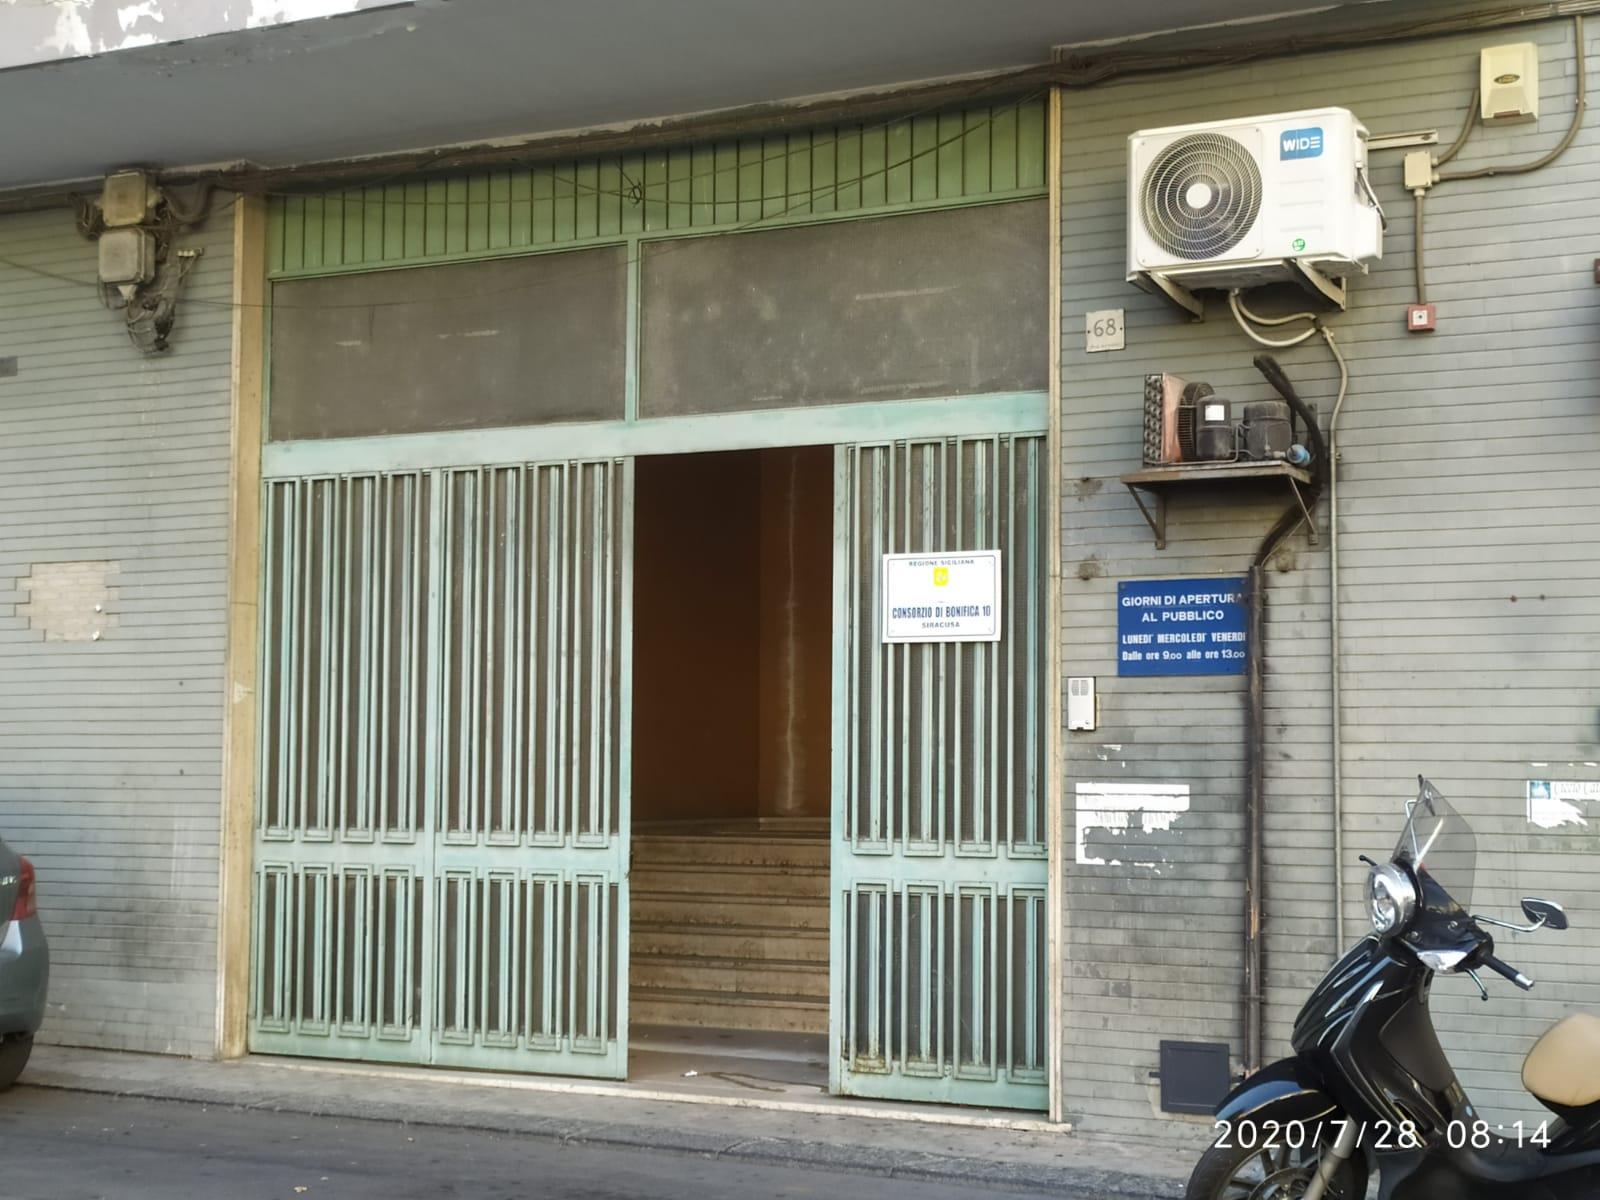 Lentini, Gli uffici dell'Ispettorato Agricoltura ospitati nella sede del Consorzio di Bonifica 10 di via Agnone